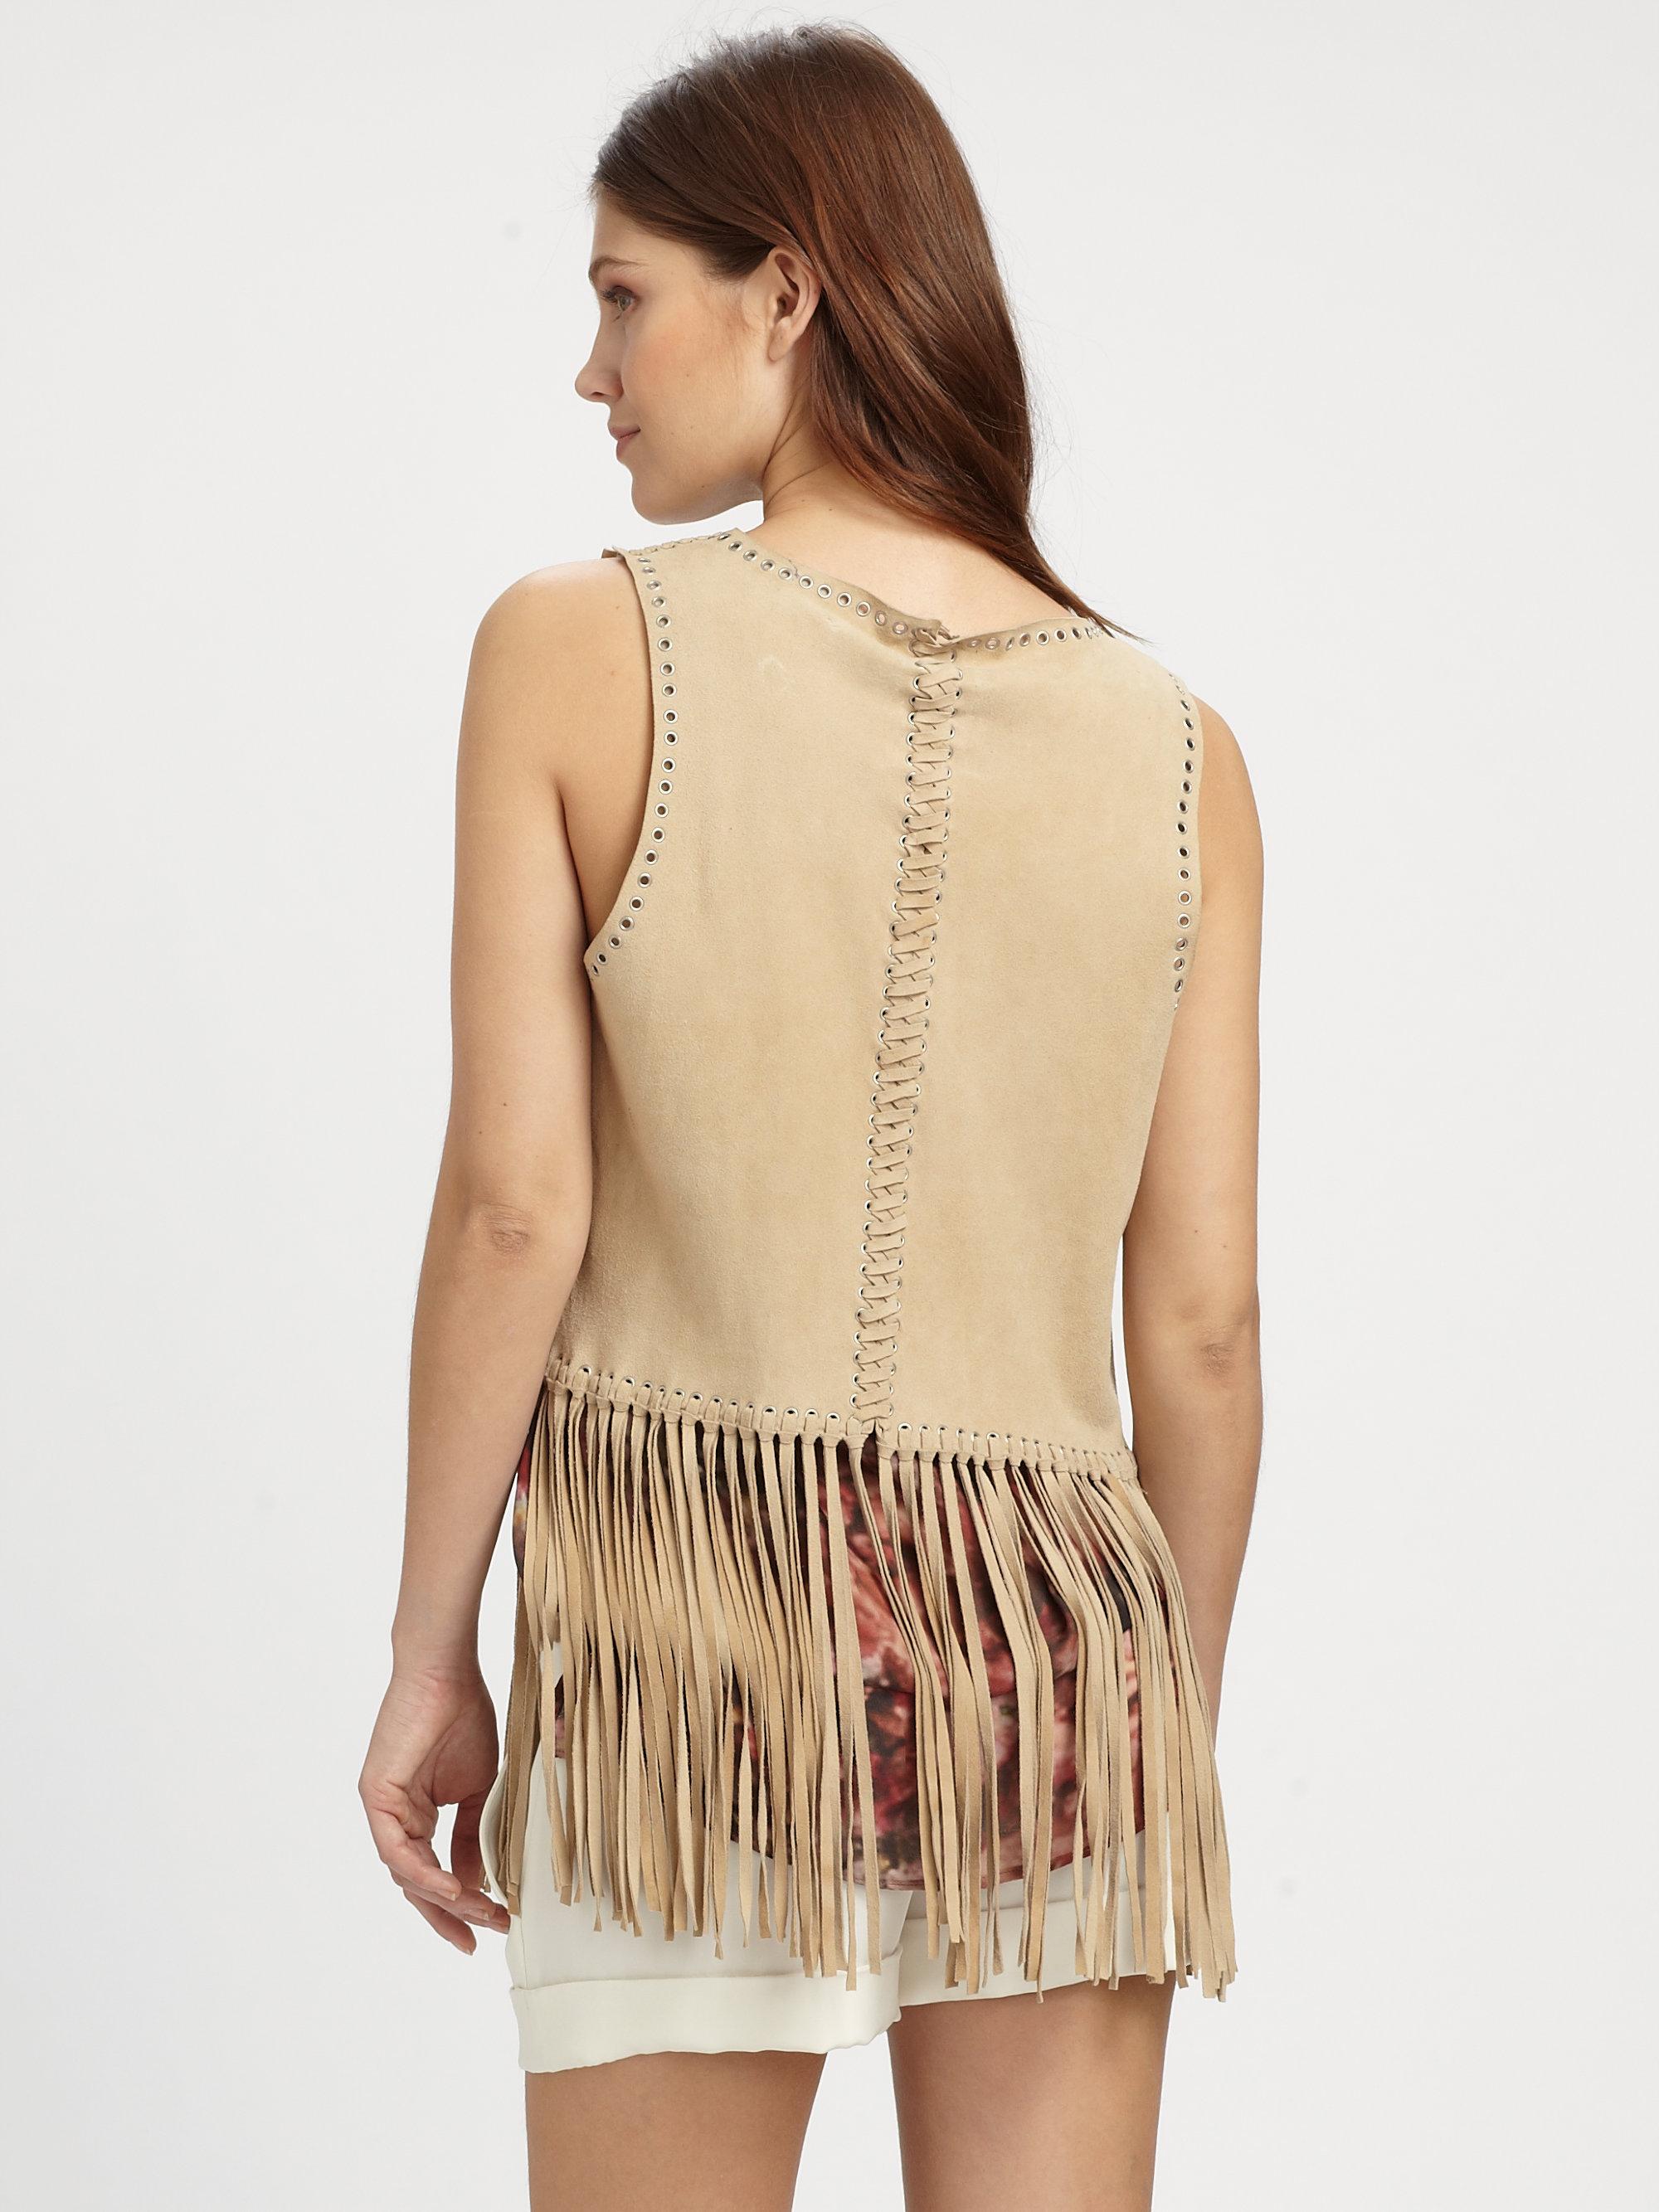 Haute Hippie Suede Fringe Vest In Nude Brown - Lyst-2117